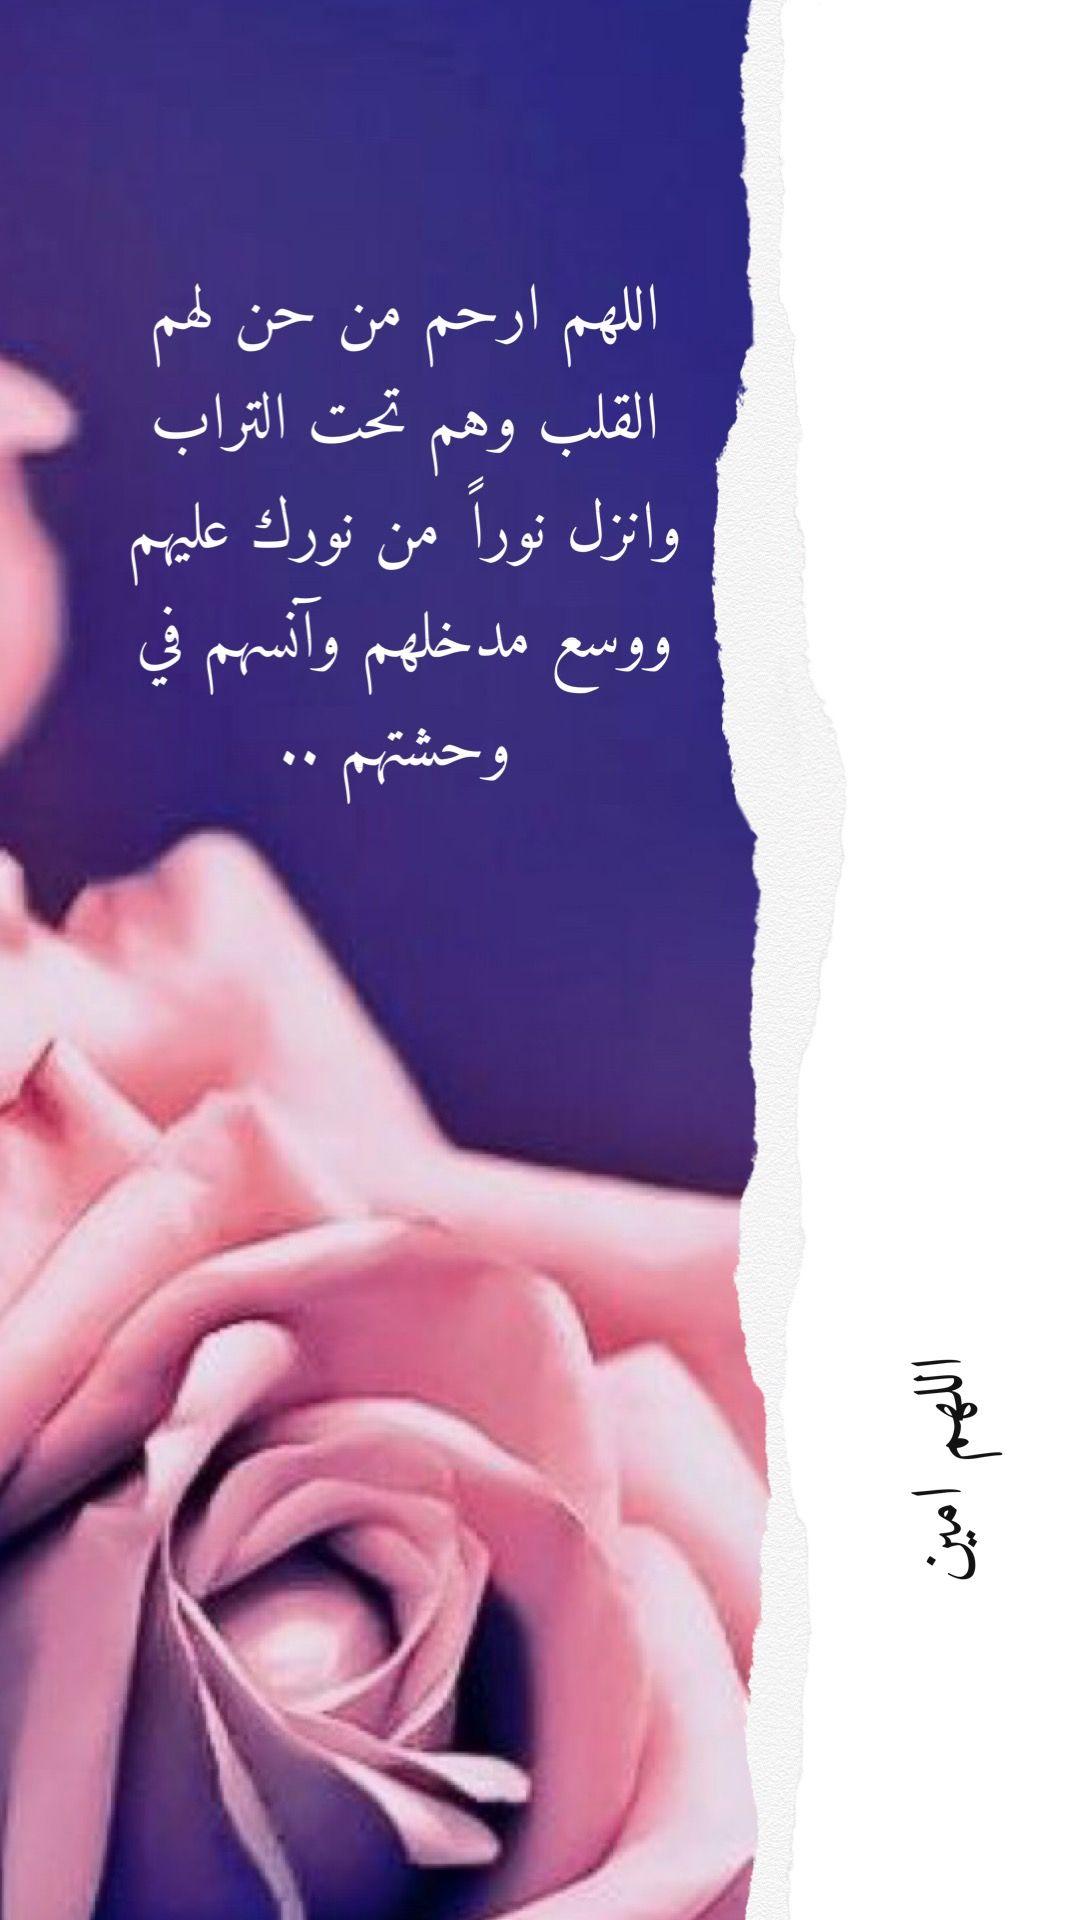 Pin On الله يرحمك و يغفر لك